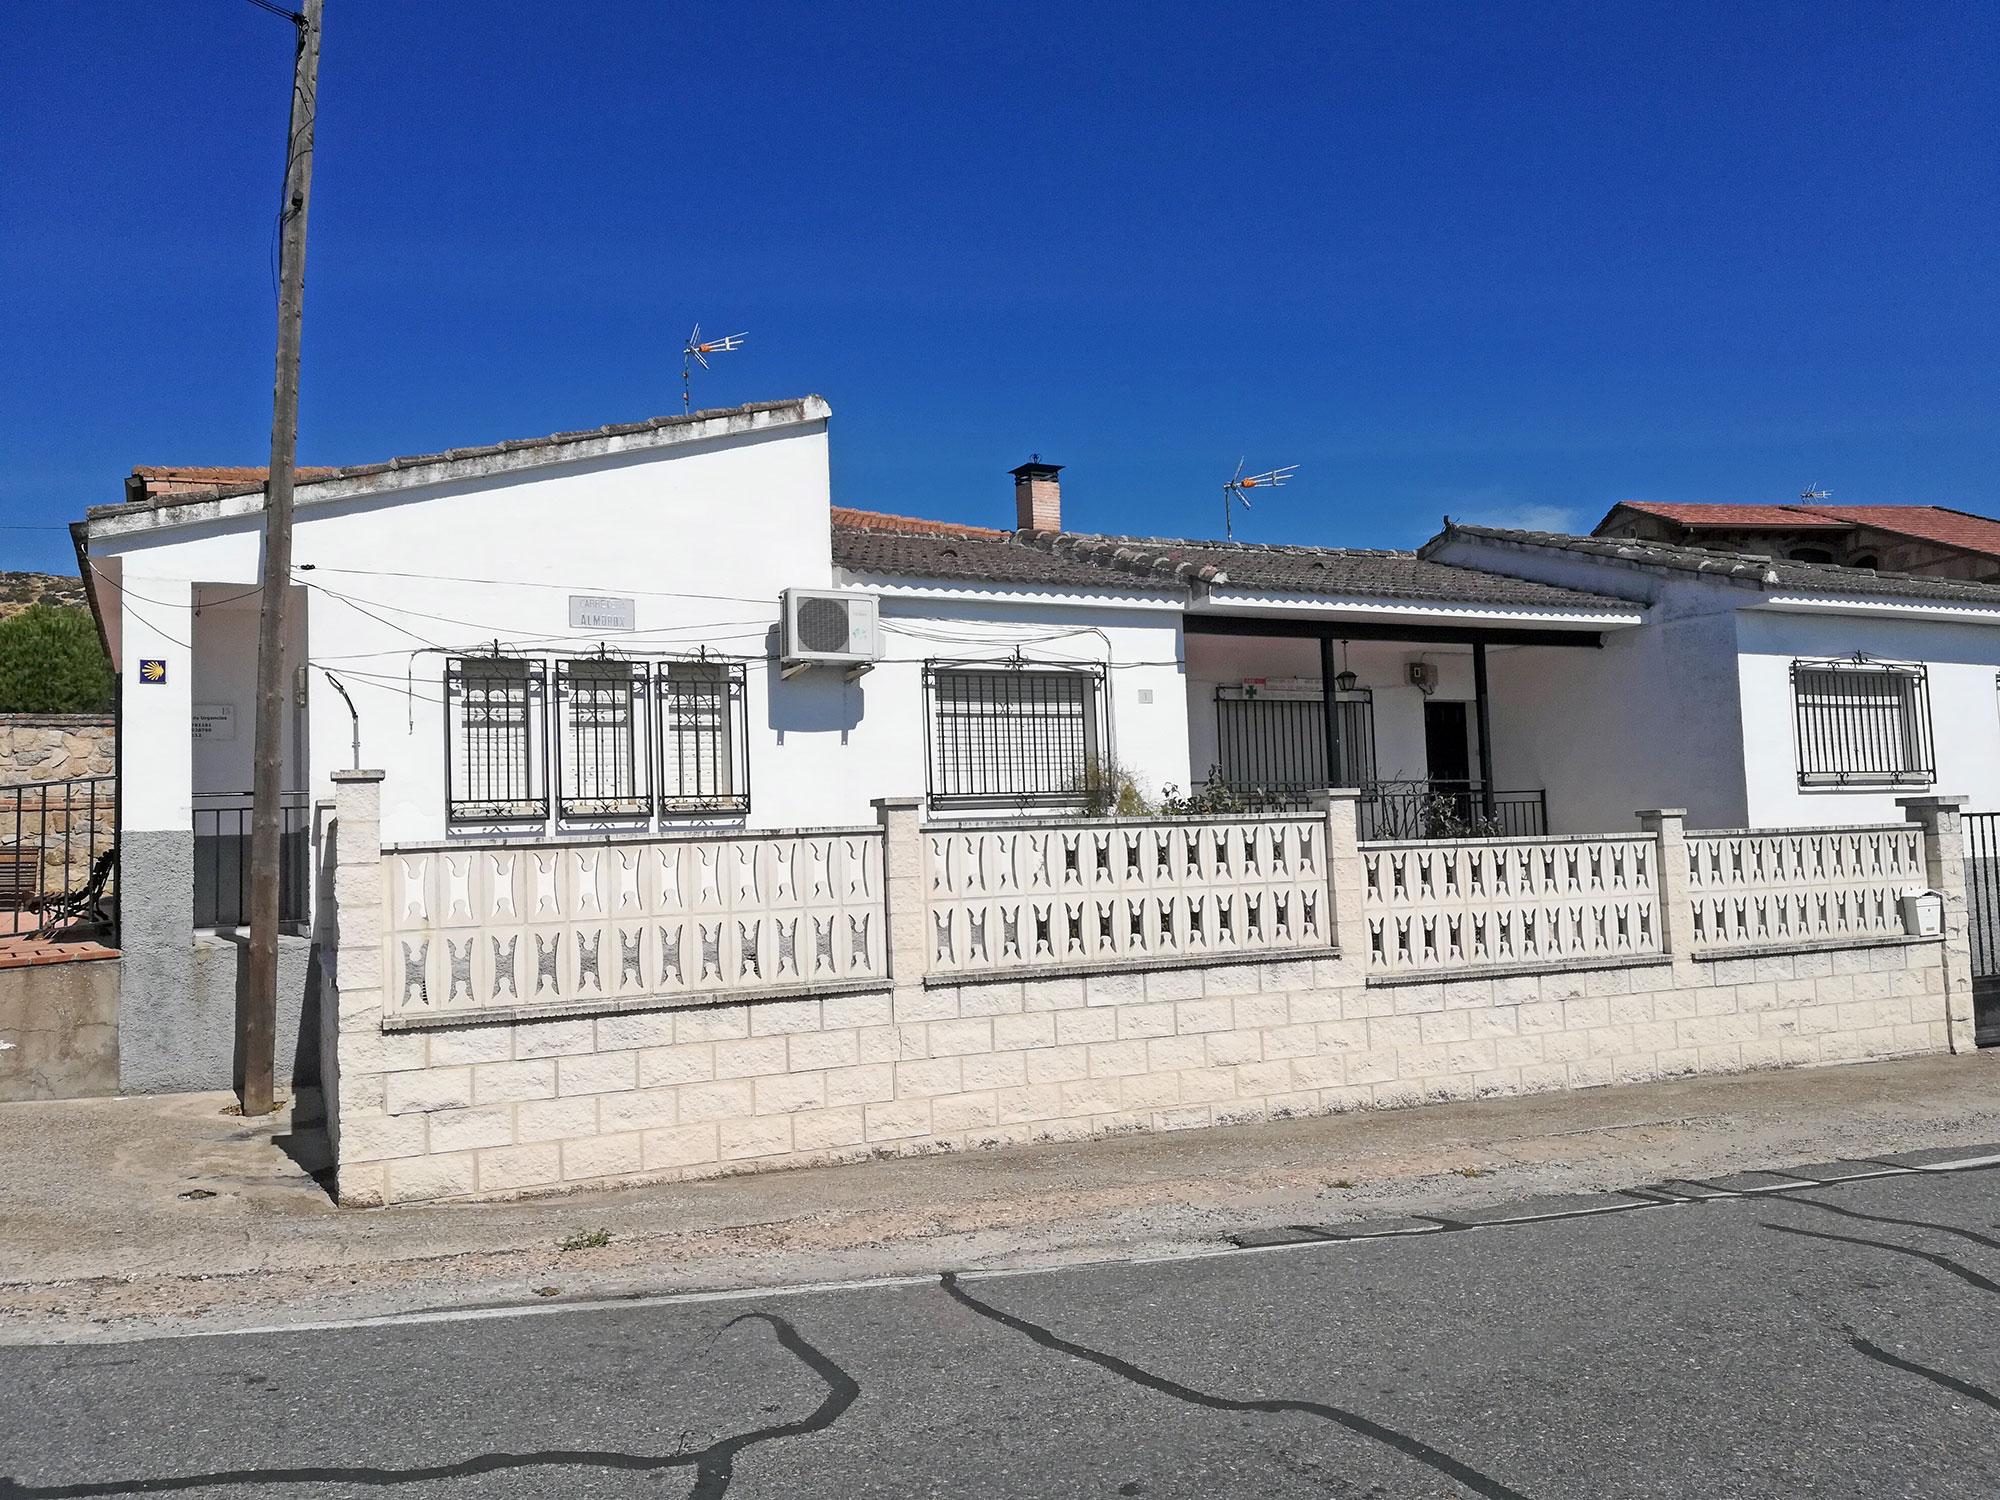 Área de Sanidad - Centro de Salud y Botiquín - Ayuntamiento de Paredes de Escalona